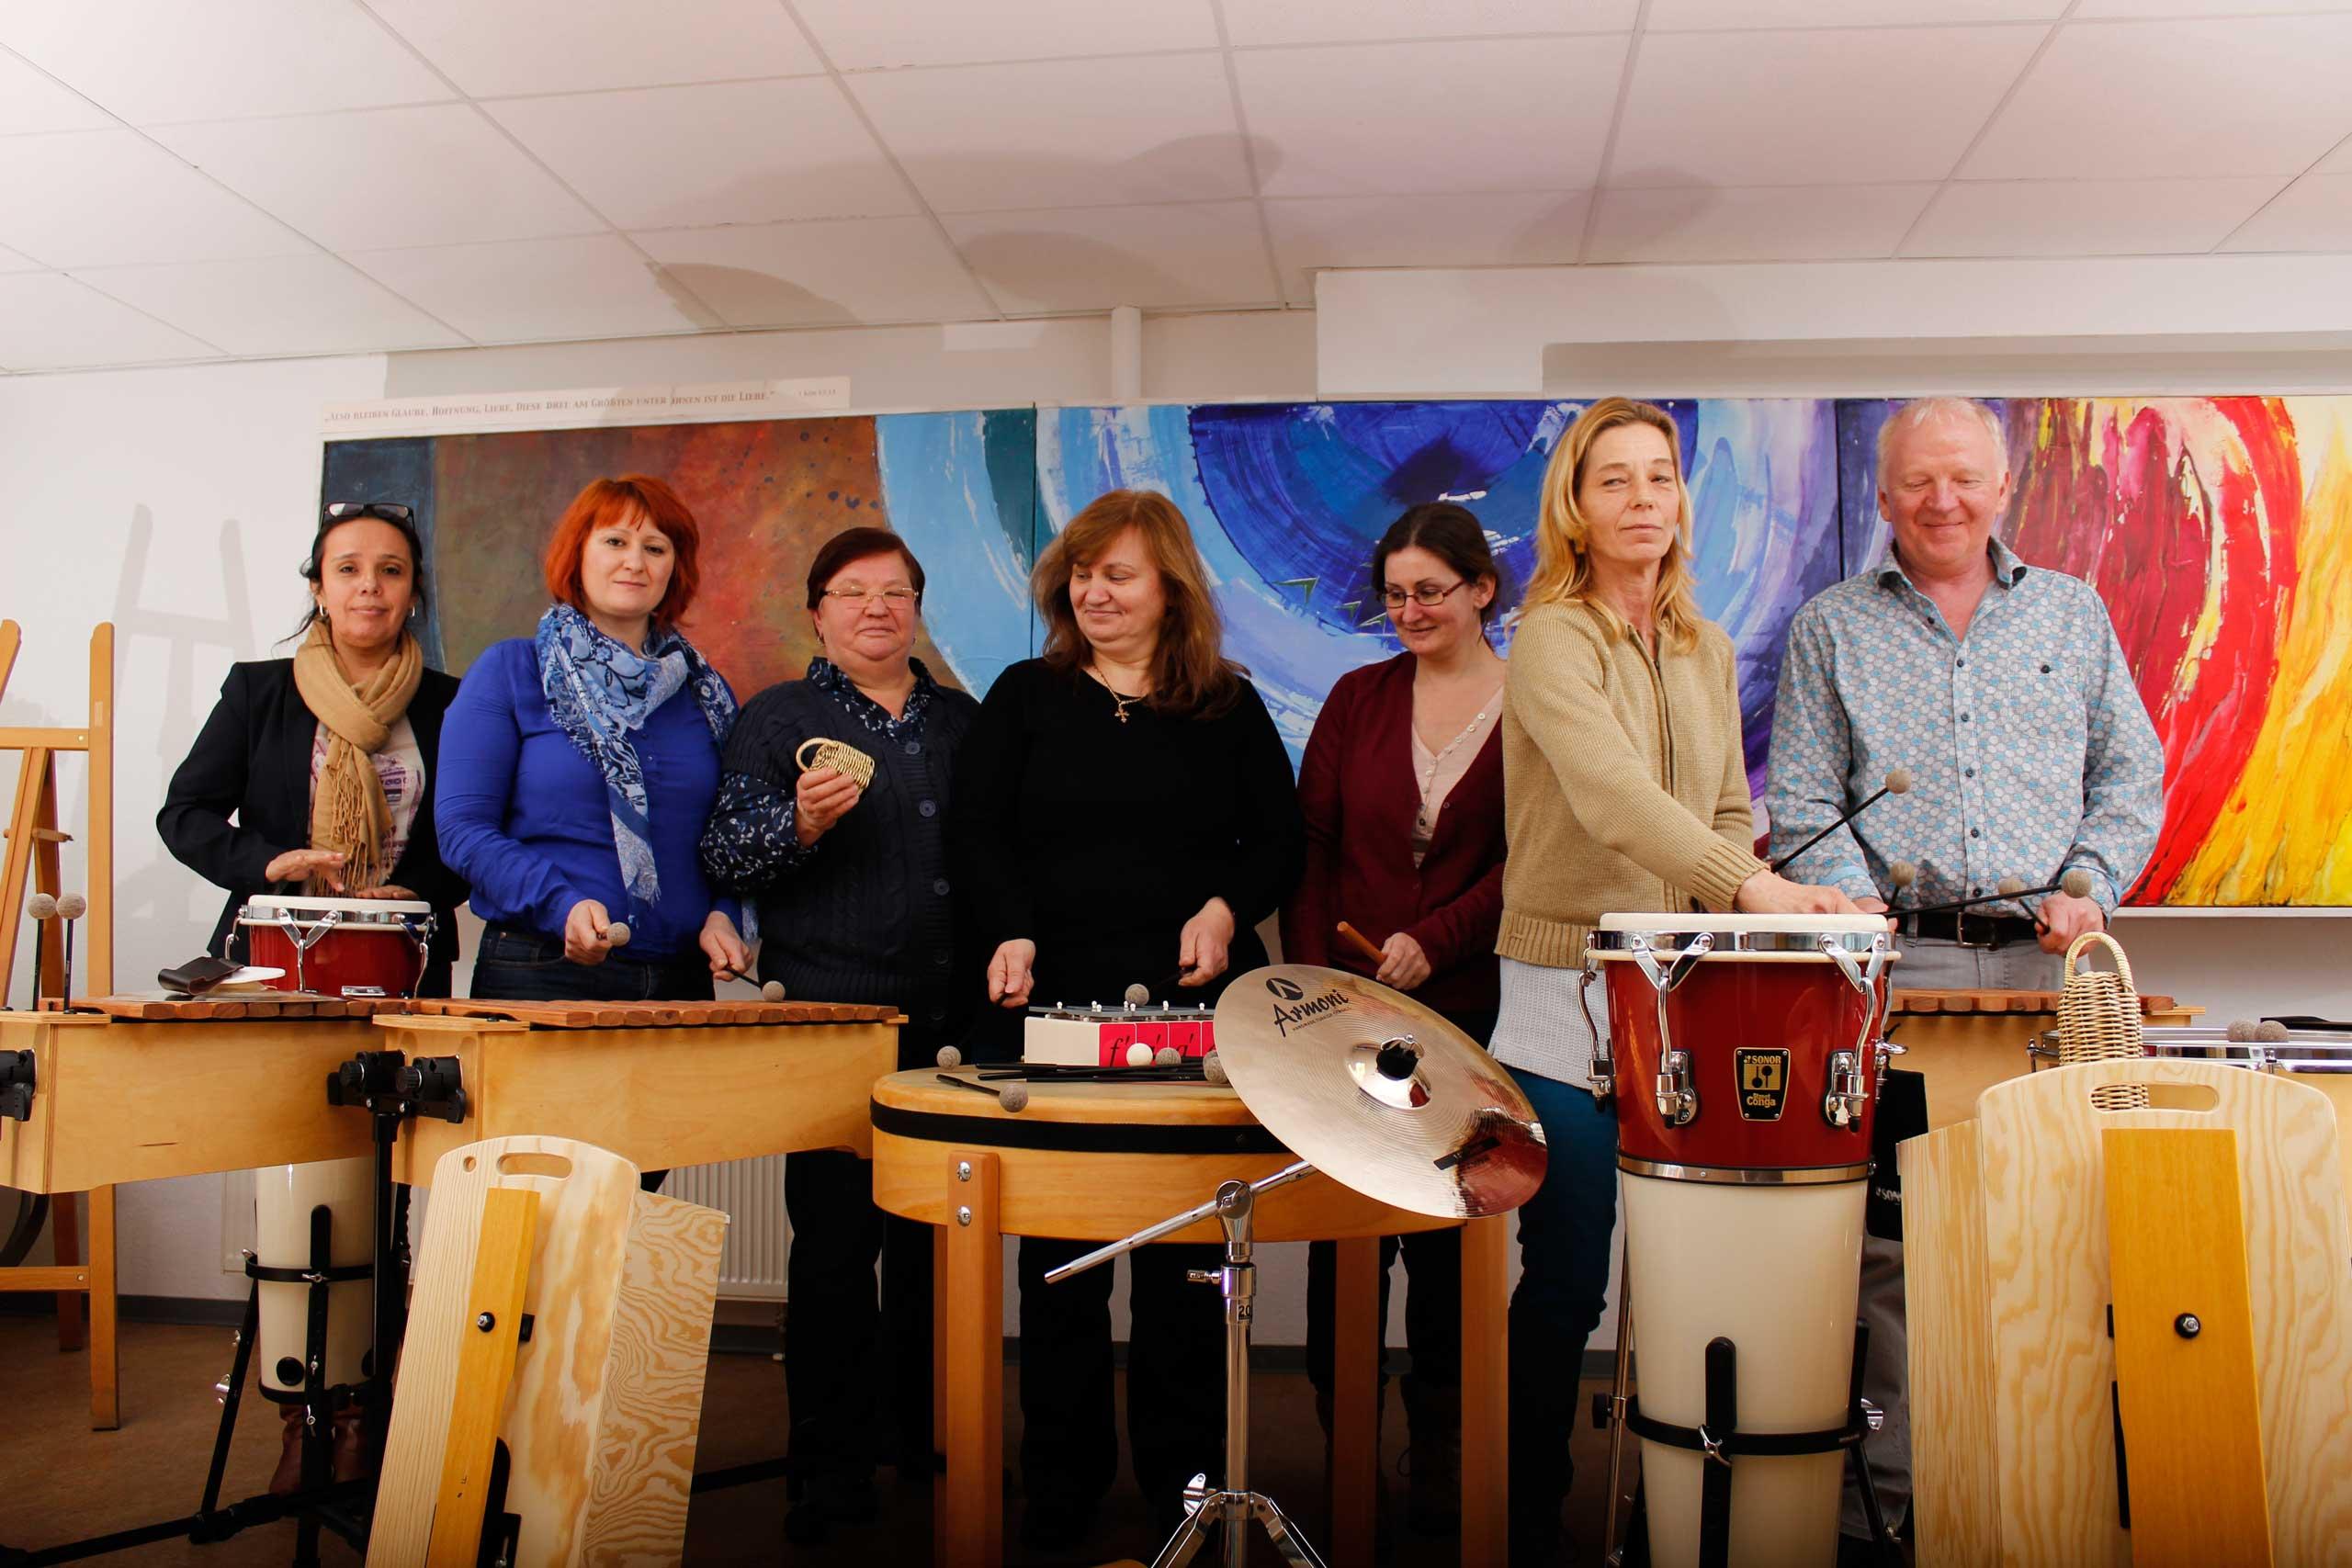 Musikprojekt in Rodgau-Gretel-Egner-Haus-1.1